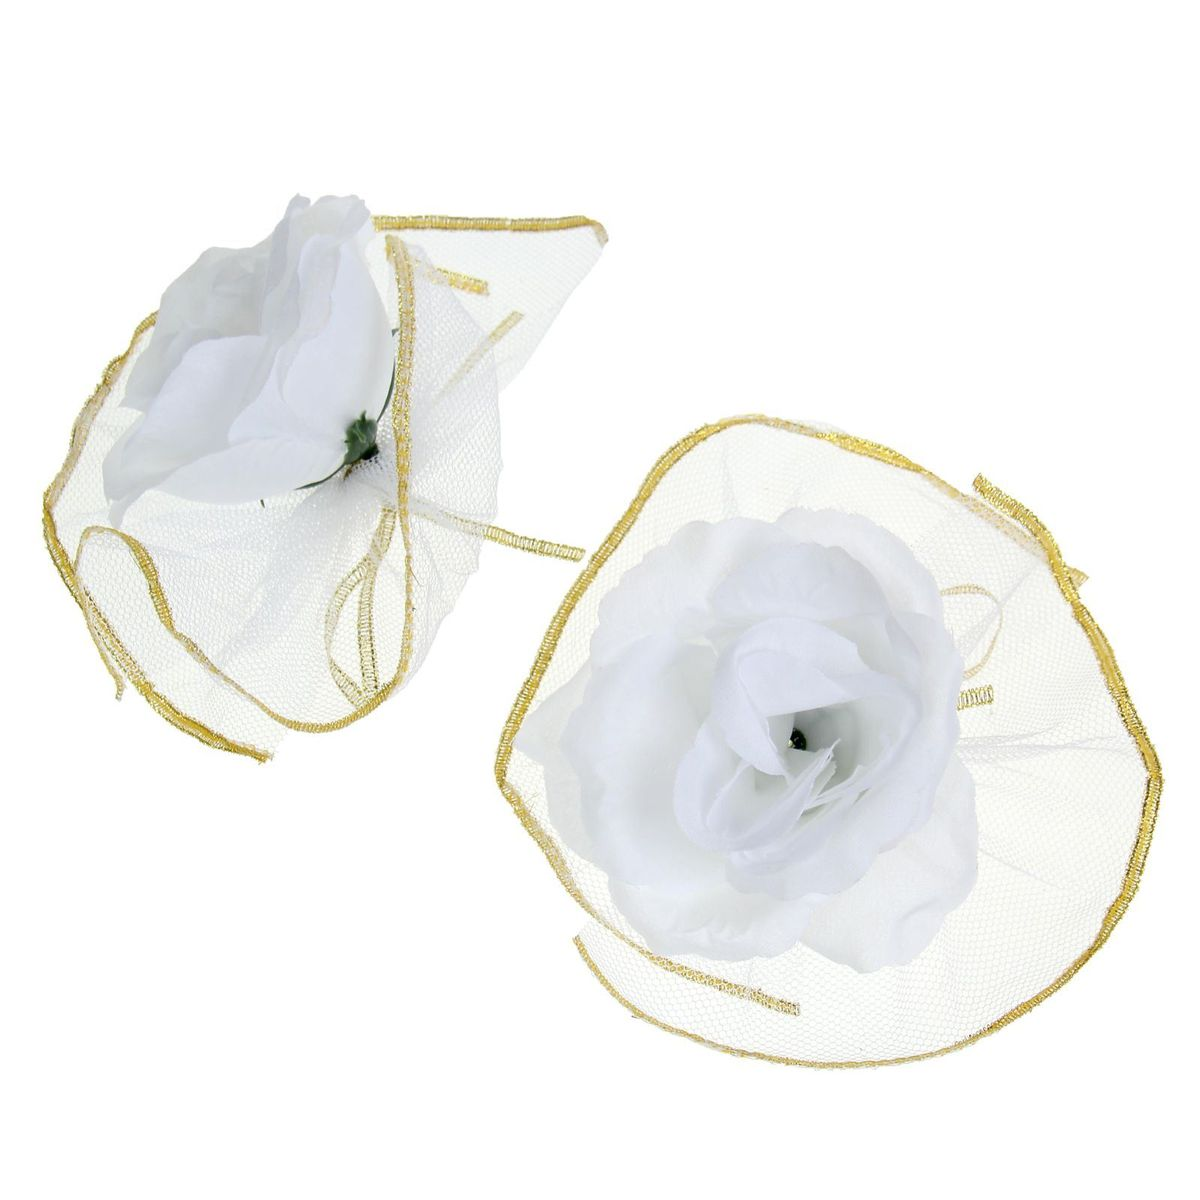 Набор белых роз для украшения свадебного авто Sima-land, 9 x 12 x 3,5 смMB860Чудесный набор для декора свадебного автомобиля состоит из двух цветов на лентах в окружении пышной белой оборки. Украсьте с его помощью ручки машины, зеркала или капот. Также это набор можно использовать для оформления зала и свадебных бокалов, что поможет создать неповторимую атмосферу праздника.Дарите радость себе и близким с красивыми аксессуарами.